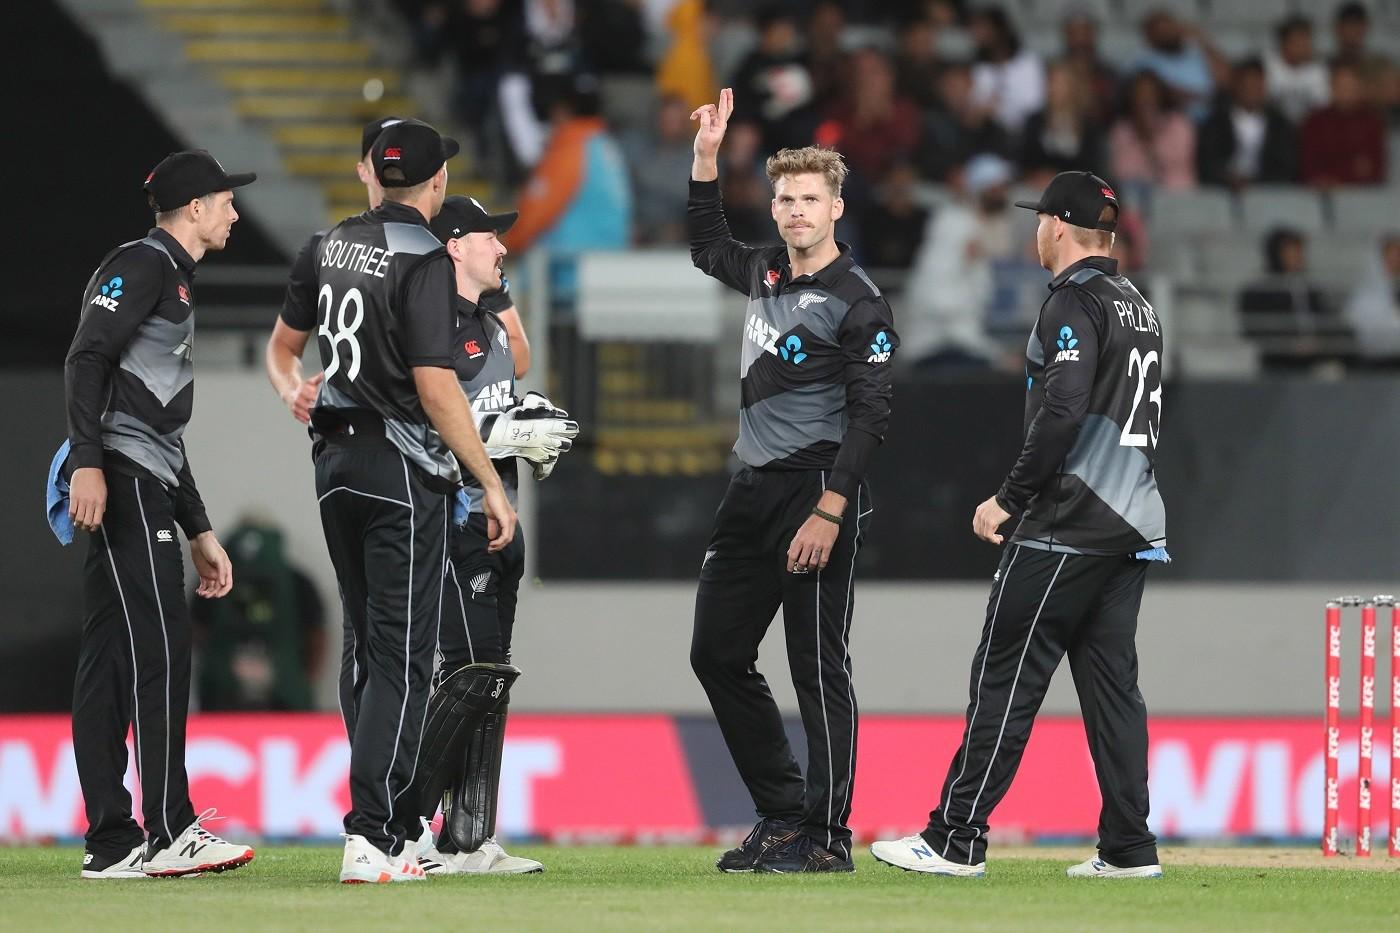 न्यूजल्याण्ड विरुद्धको पहिलो टेस्टमा वेष्ट इन्डिज फलो अनमा